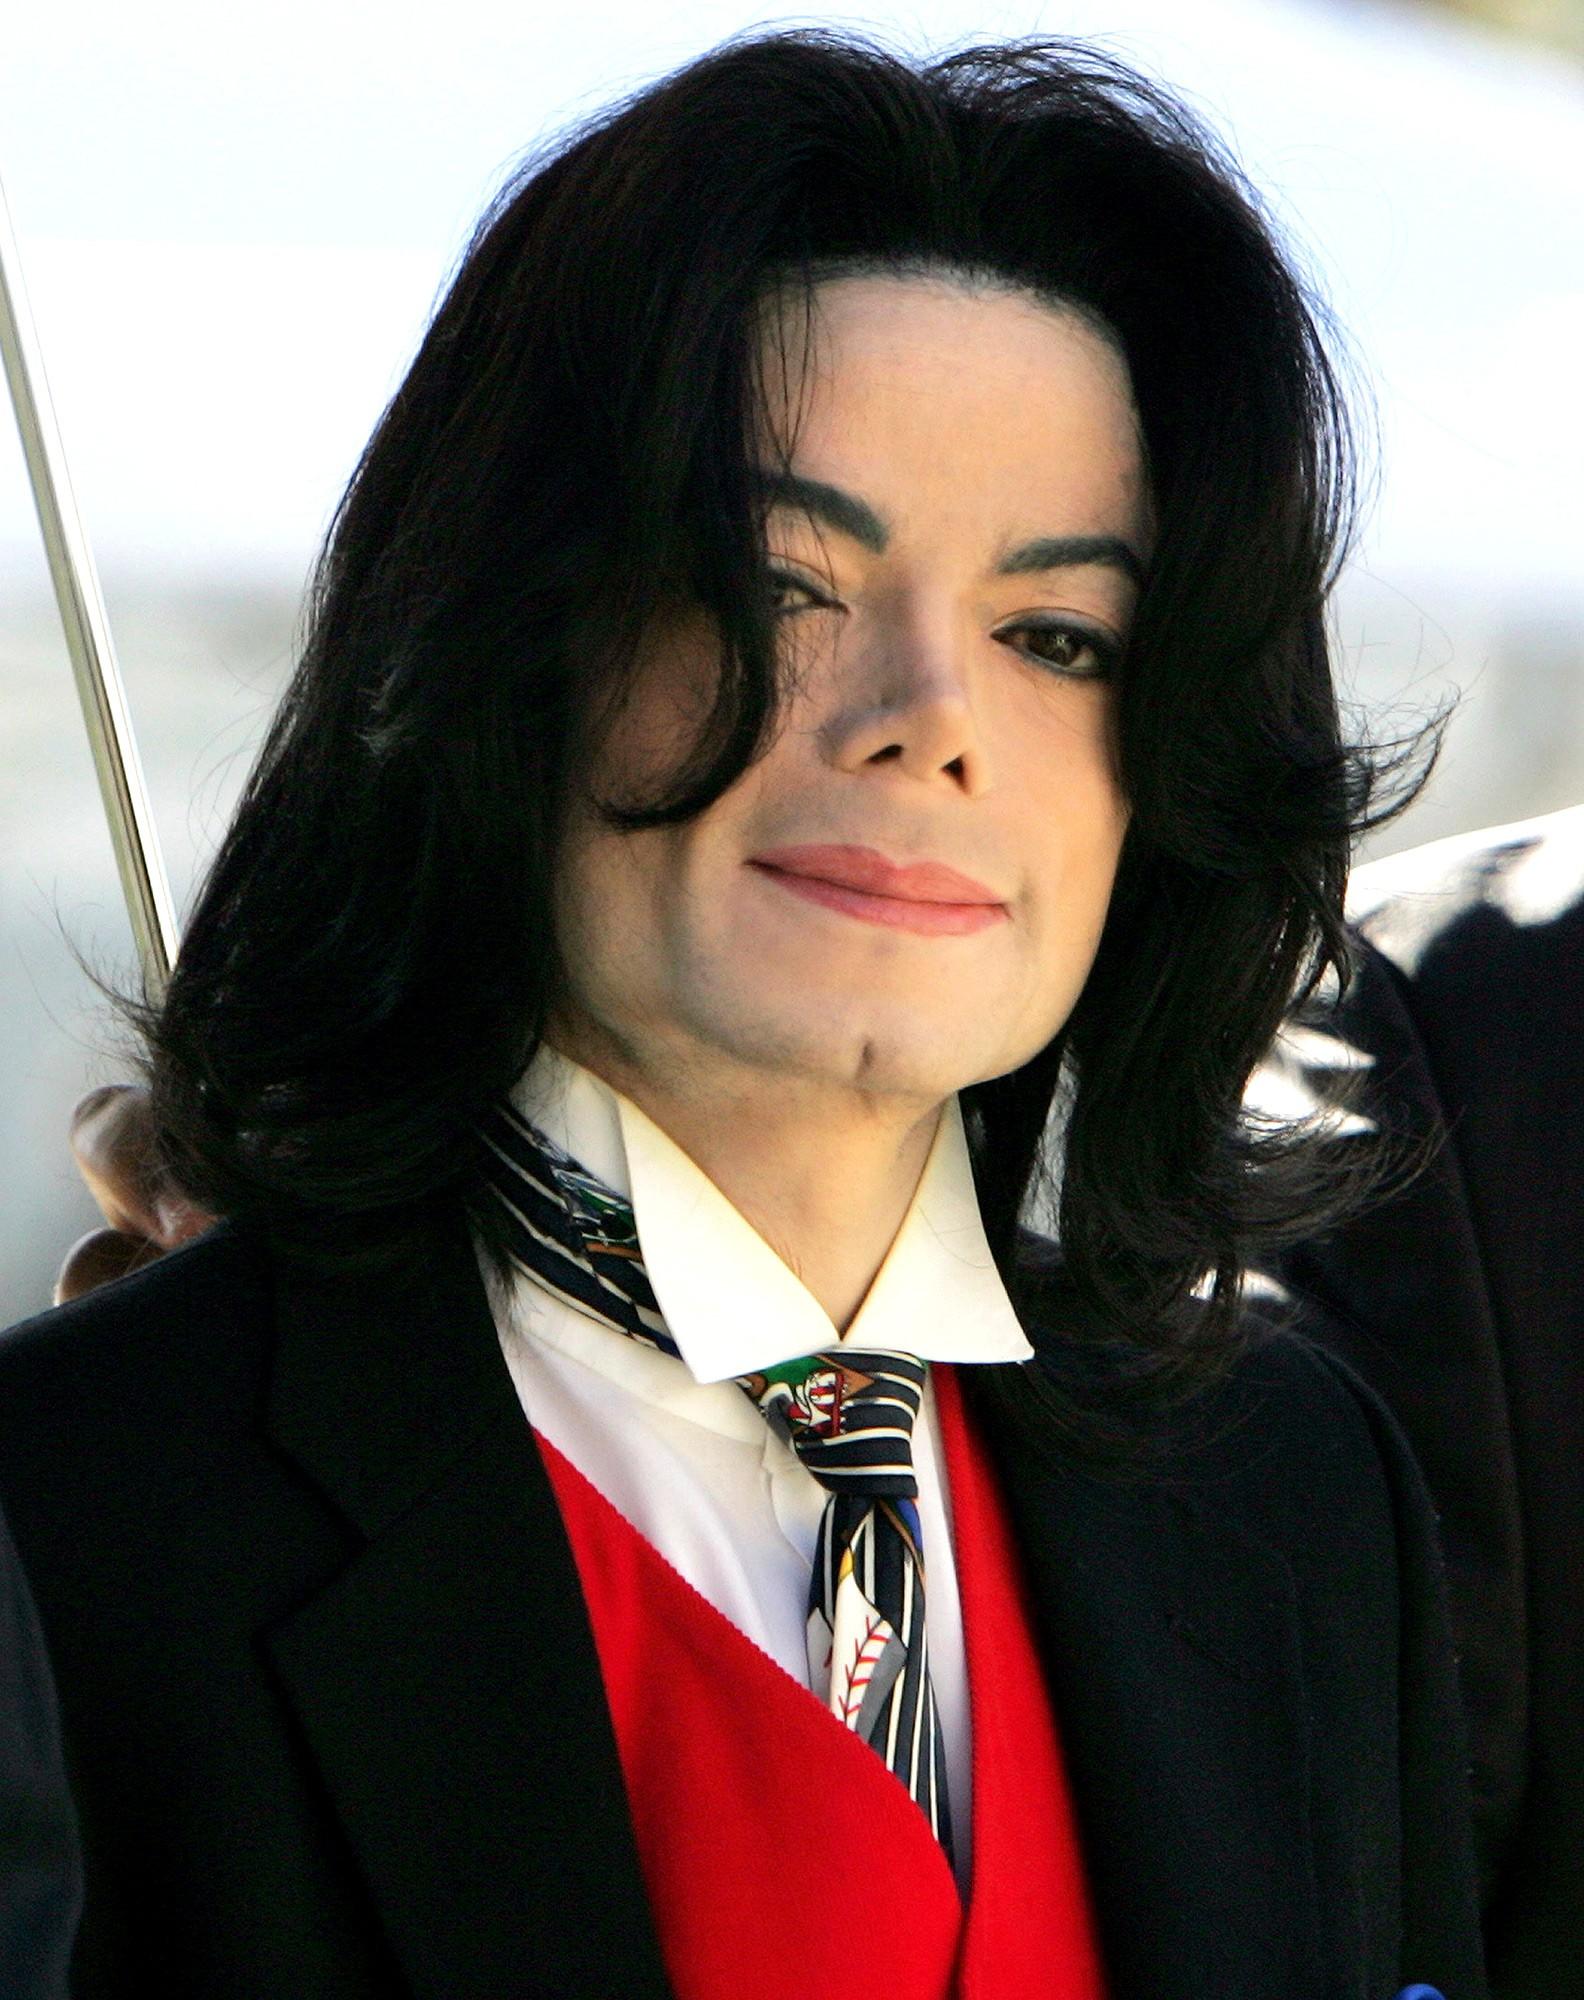 Showbiz thế giới lại chấn động vì bộ phim tài liệu tố cáo quá khứ ấu dâm của Michael Jackson - Ảnh 3.